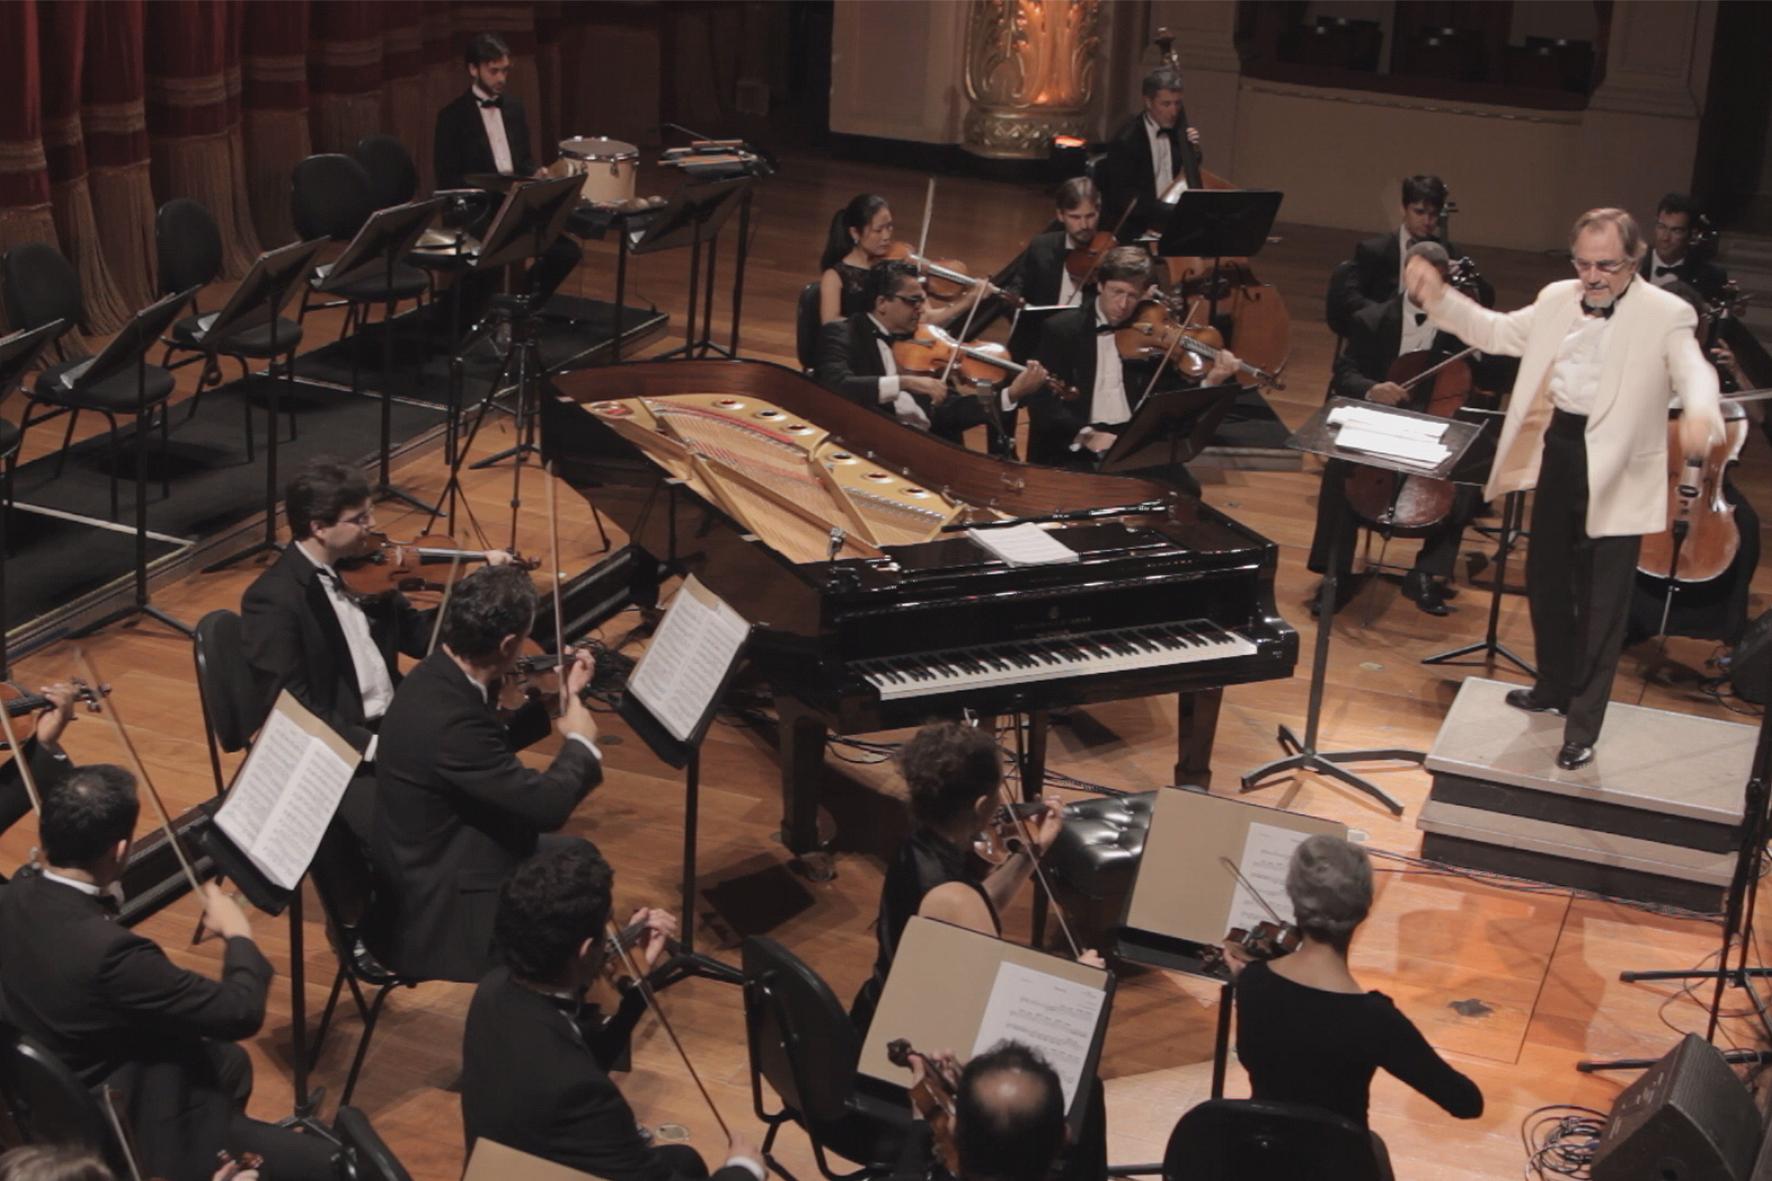 Concerto gratuito vai tocar Chopin e outros clássicos em três dias